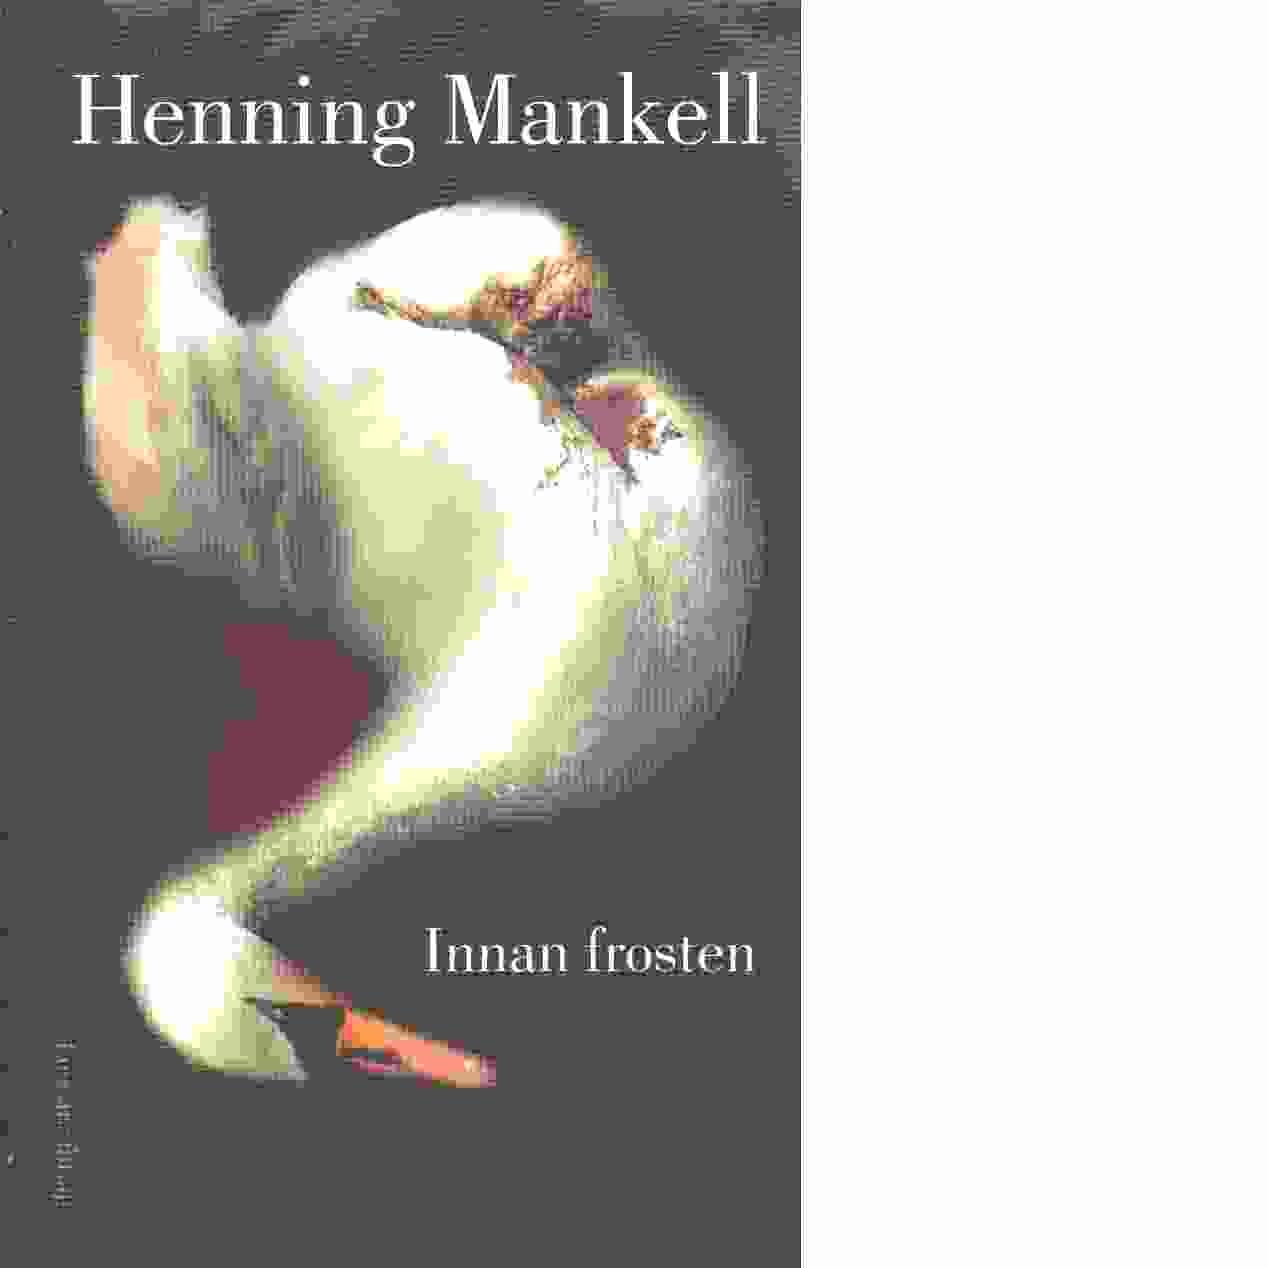 Innan frosten - Mankell, Henning